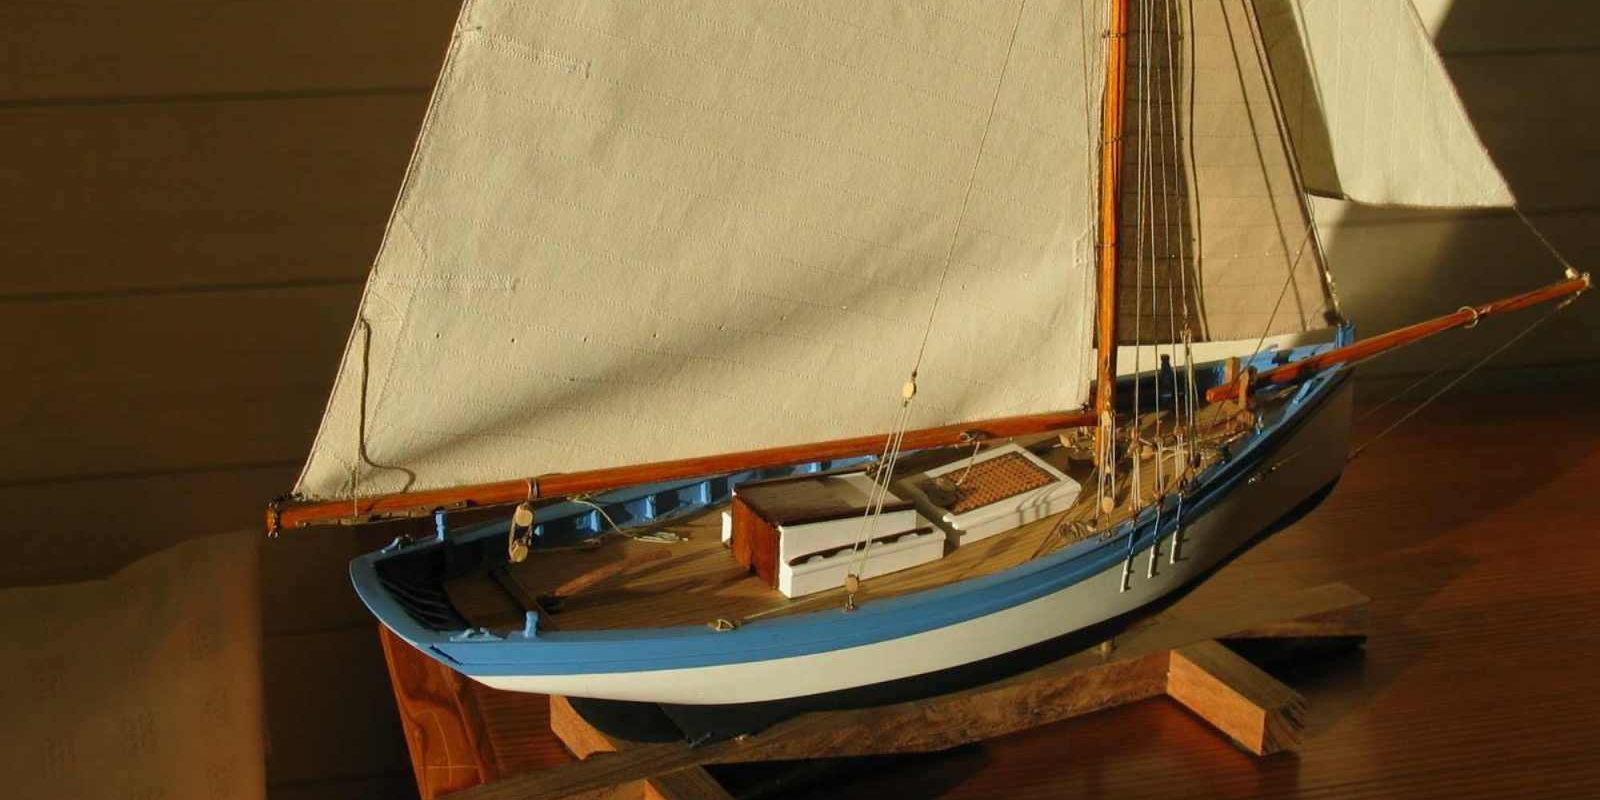 Maquette de Espiègle Port de La Tremblade Sloop ostréicole du Perthuis Bateau de pêche ancien à voile